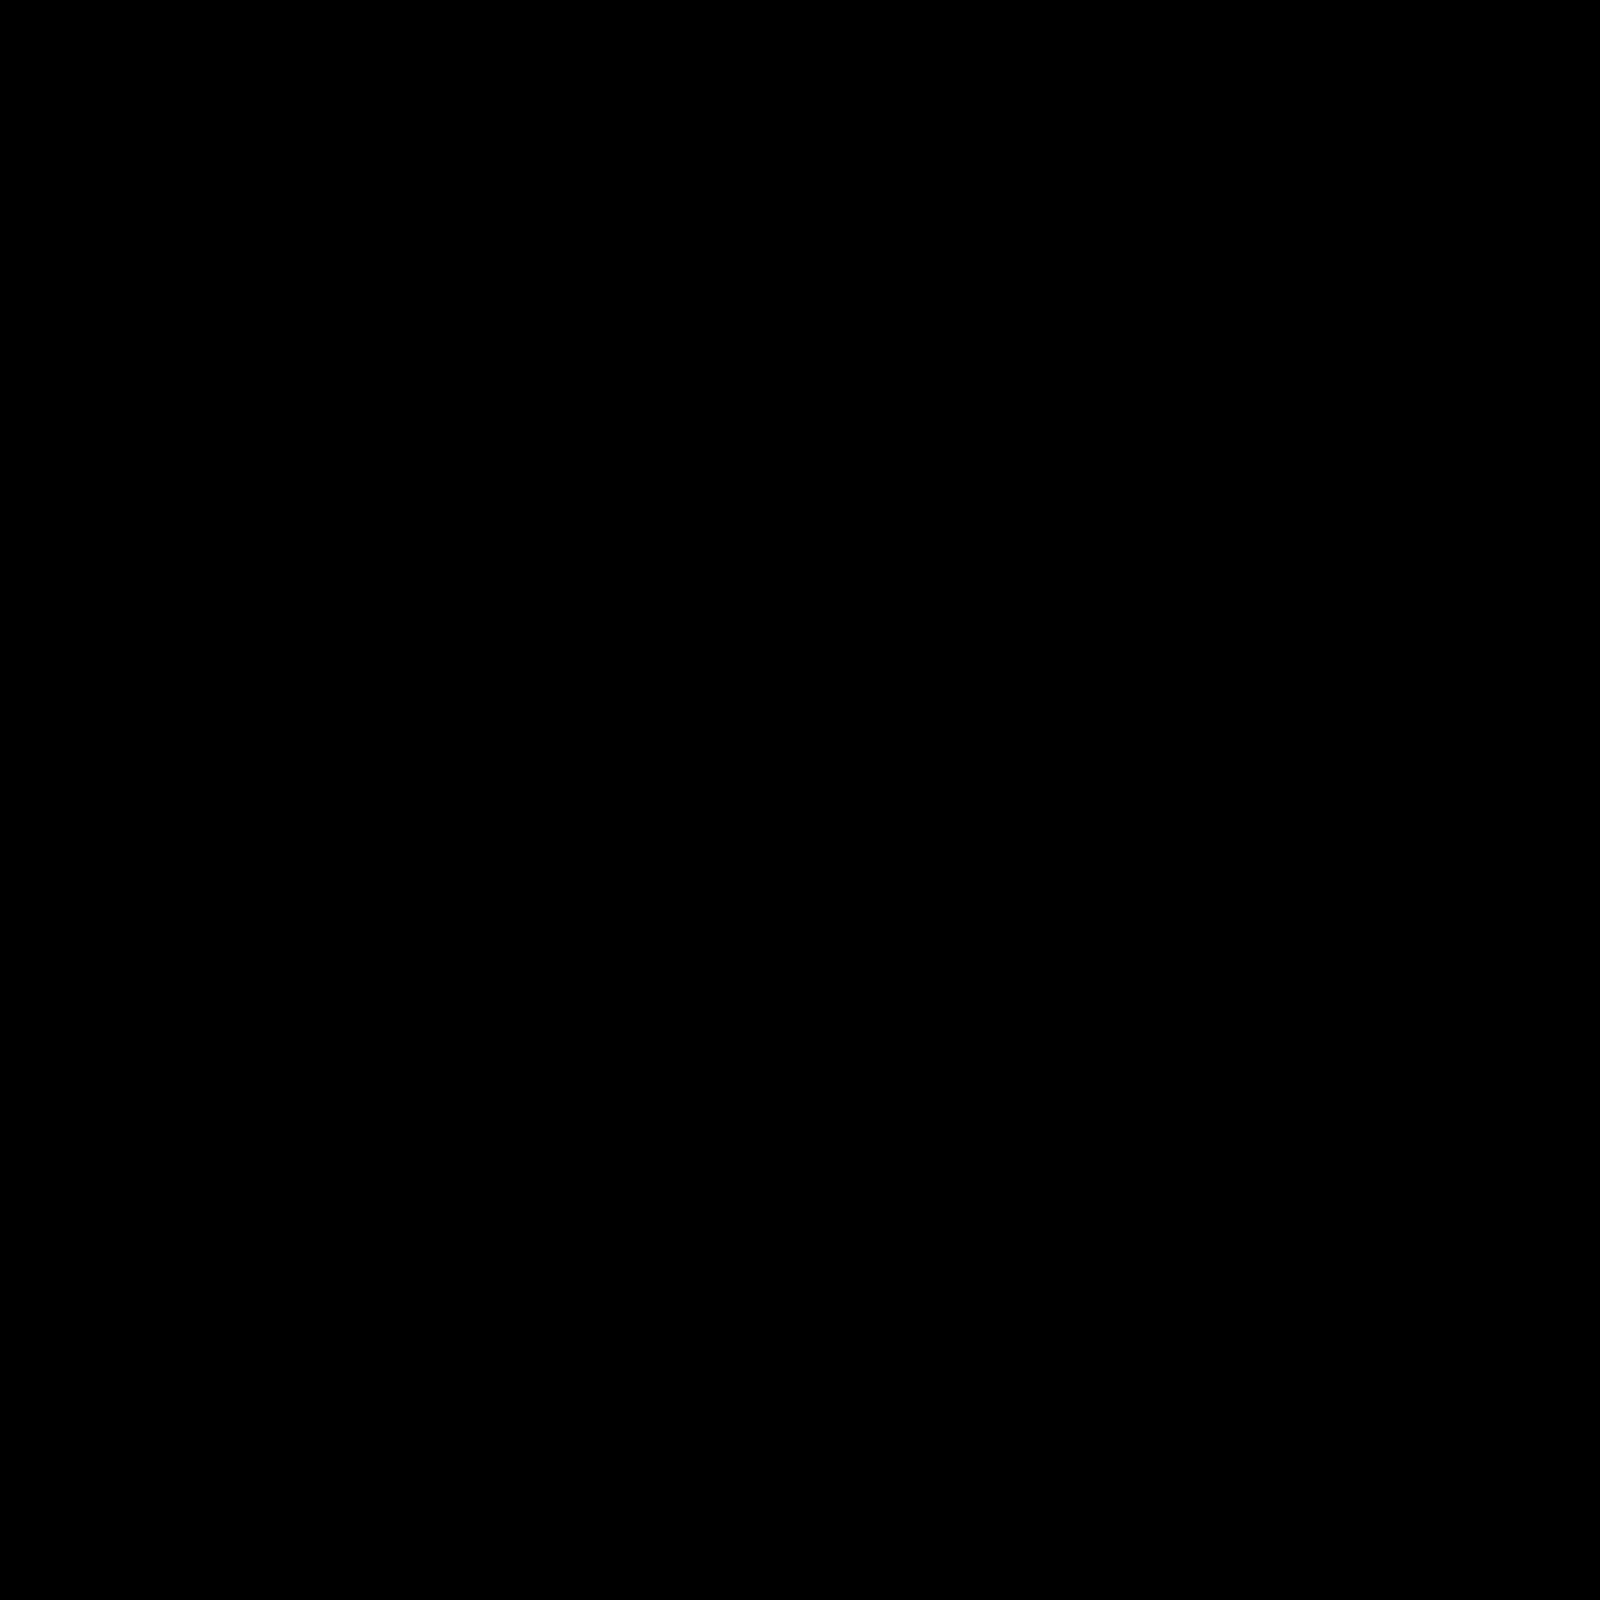 Plik XML icon